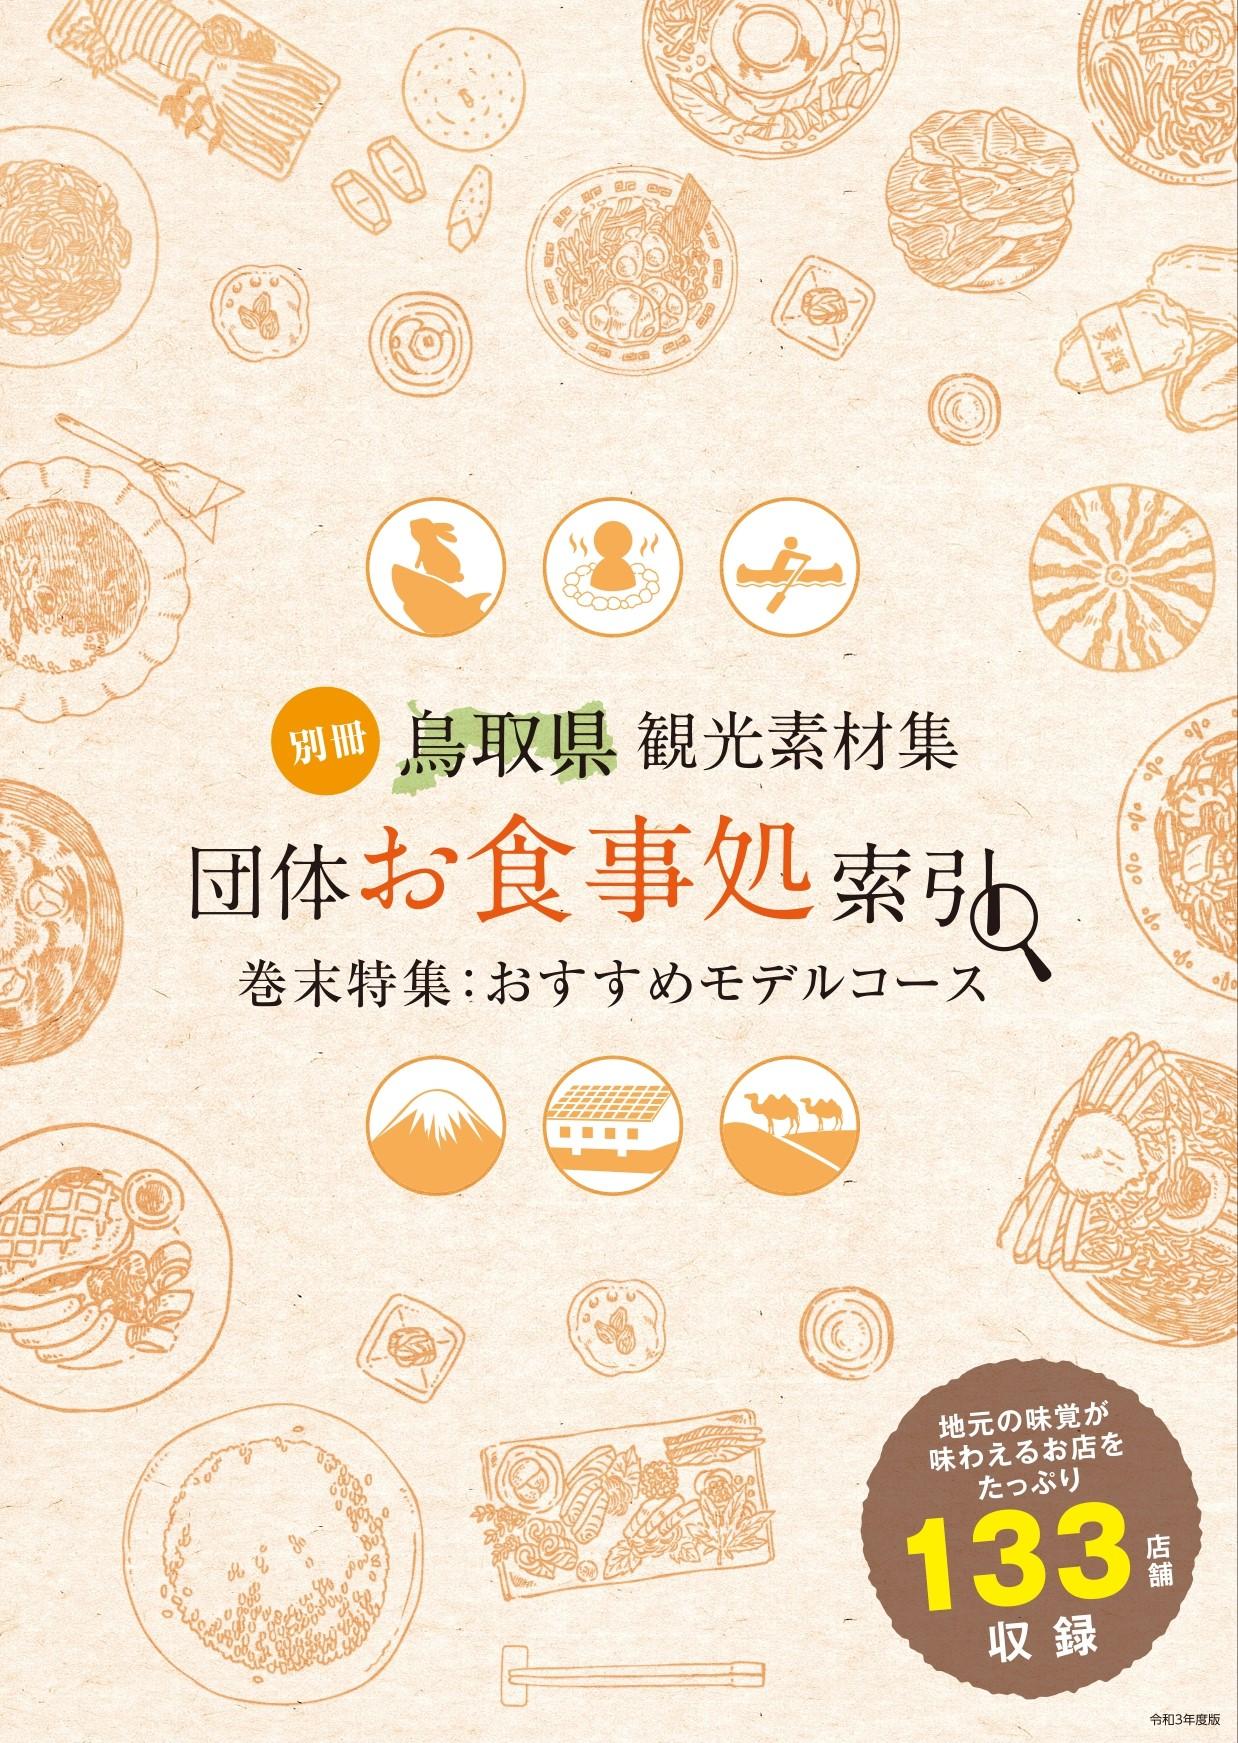 令和3年度観光素材集食事編【表紙】